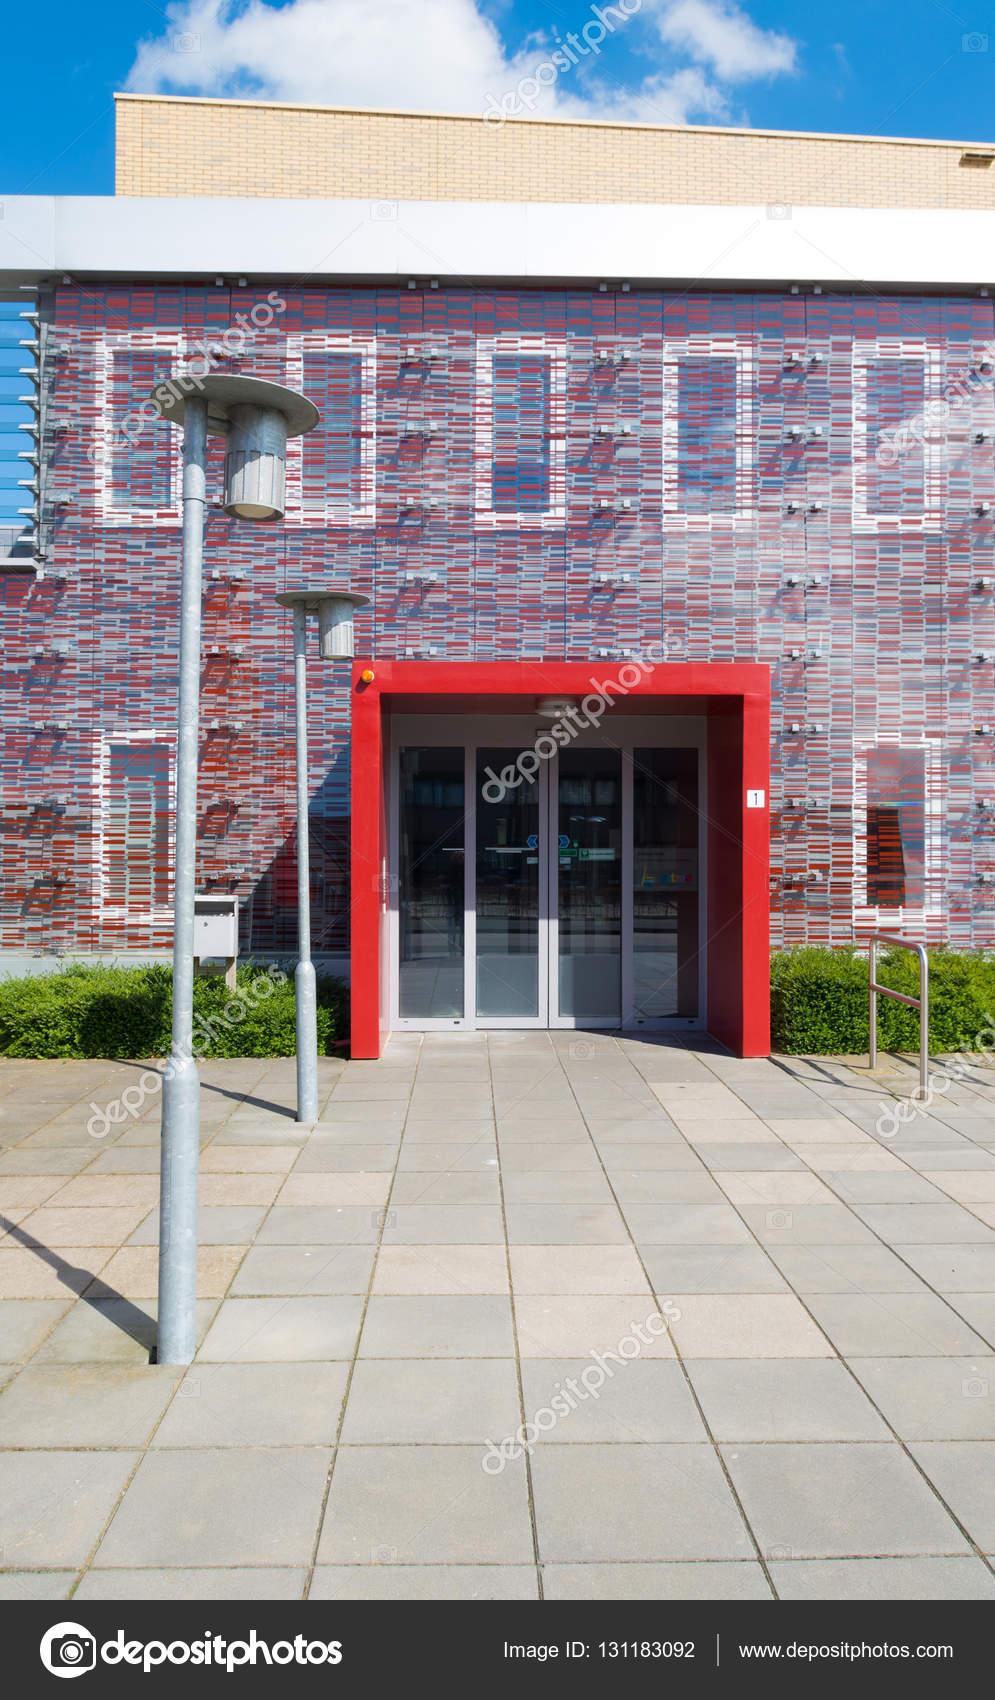 kleines Büro Gebäudeeingang — Stockfoto © hansenn #131183092